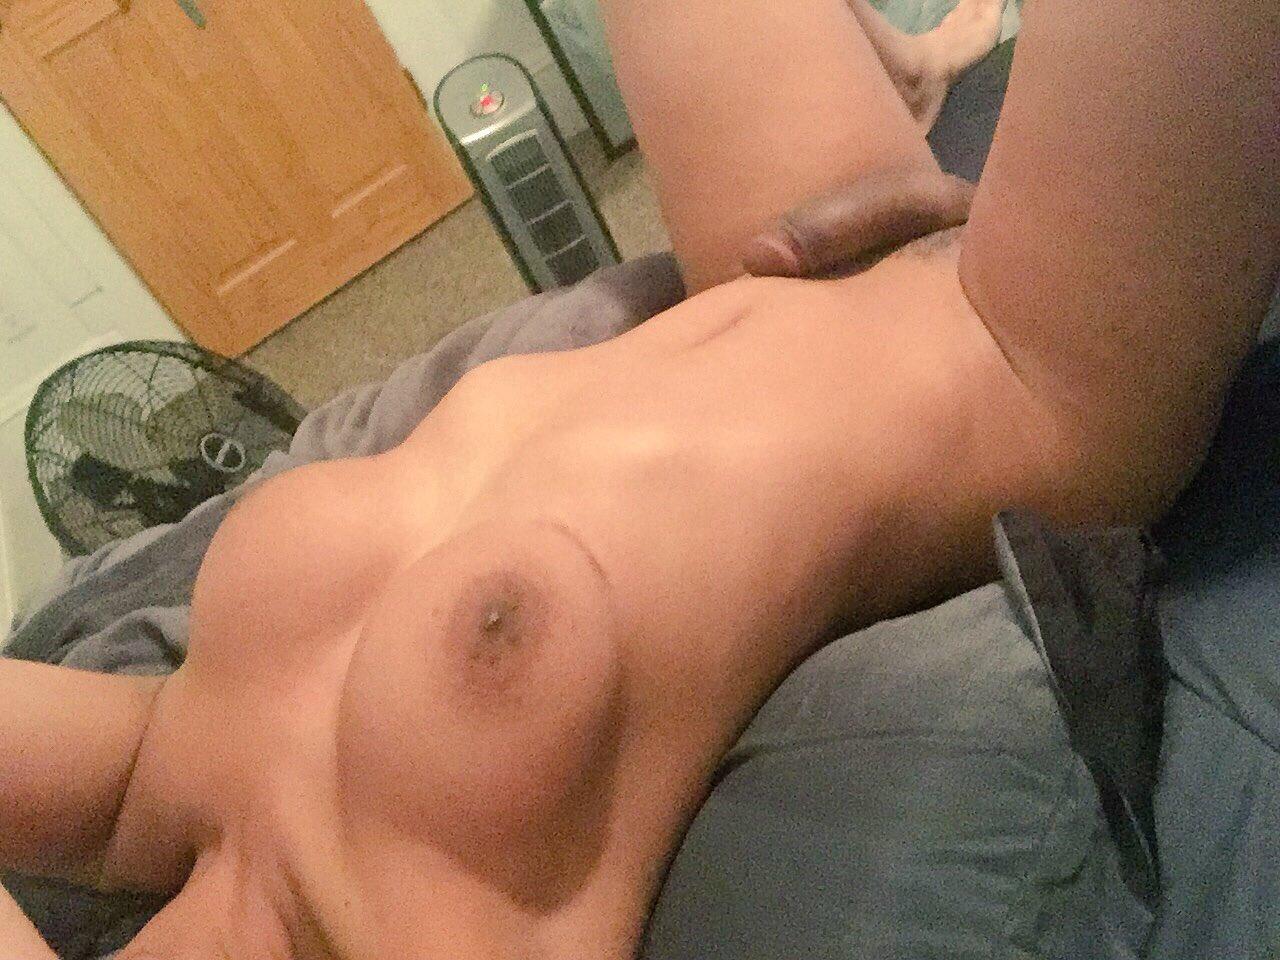 todd morgan gay porn link